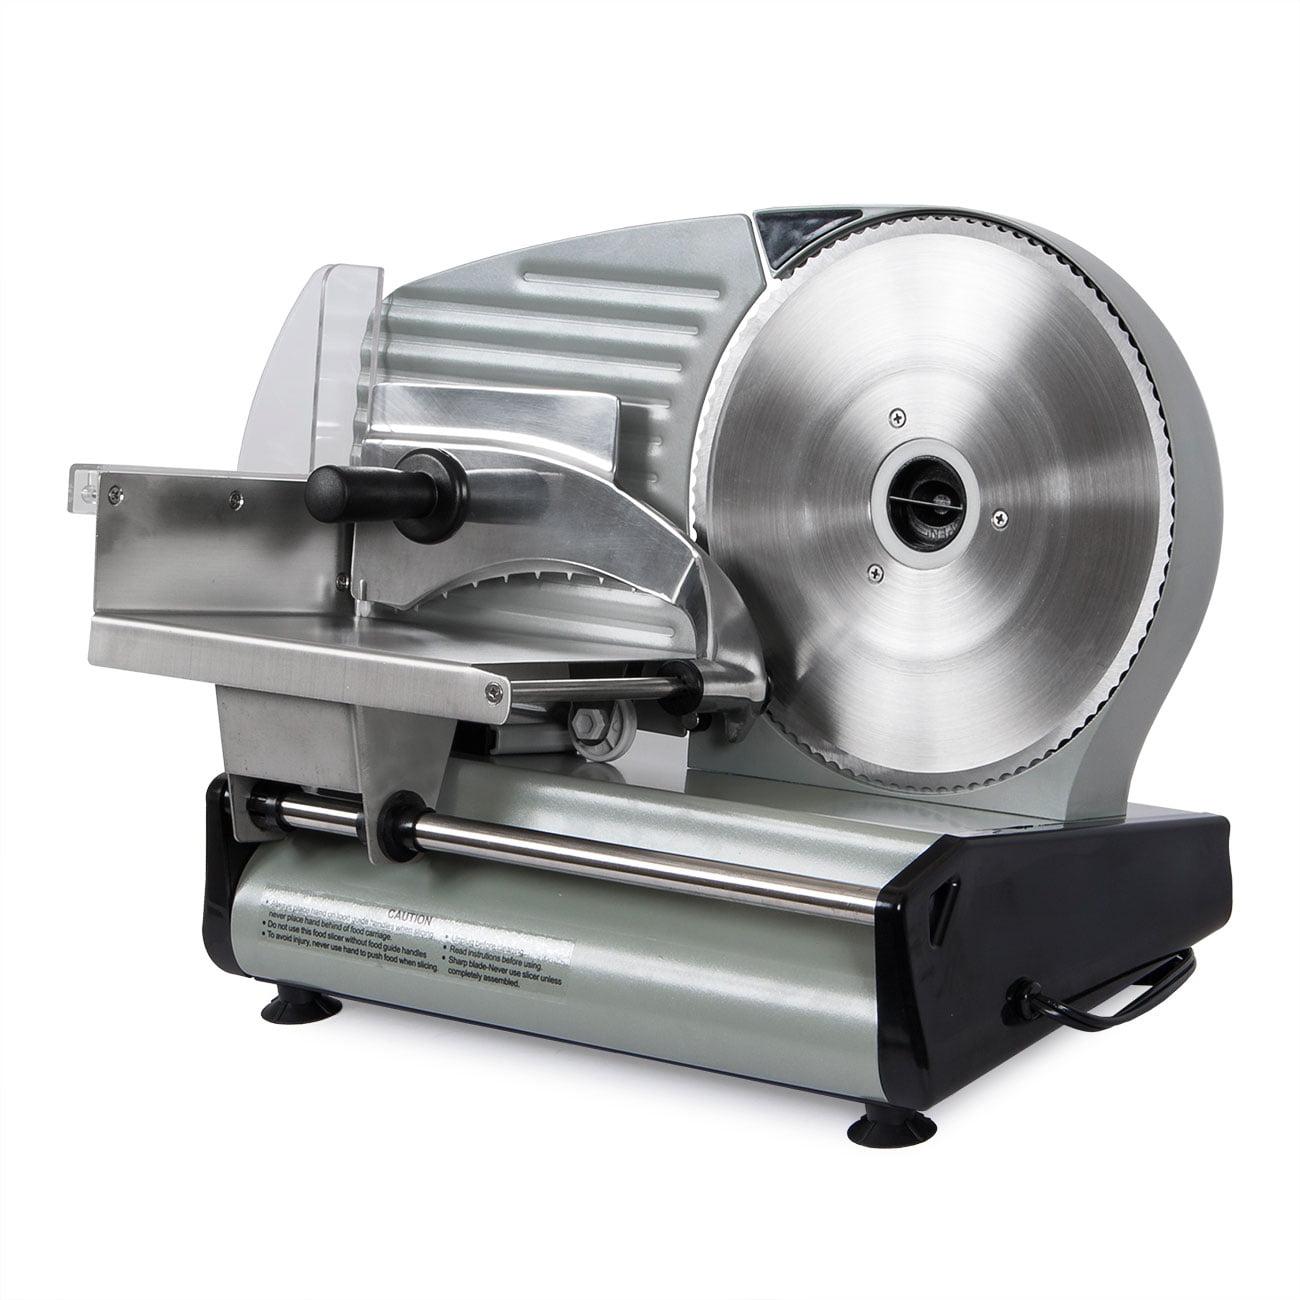 """Della� 8.7"""" inch 180W Electric Meat Slicer Blade Deli Cutter Veggies Home Kitchen Equipment CSA, ETL by Della"""